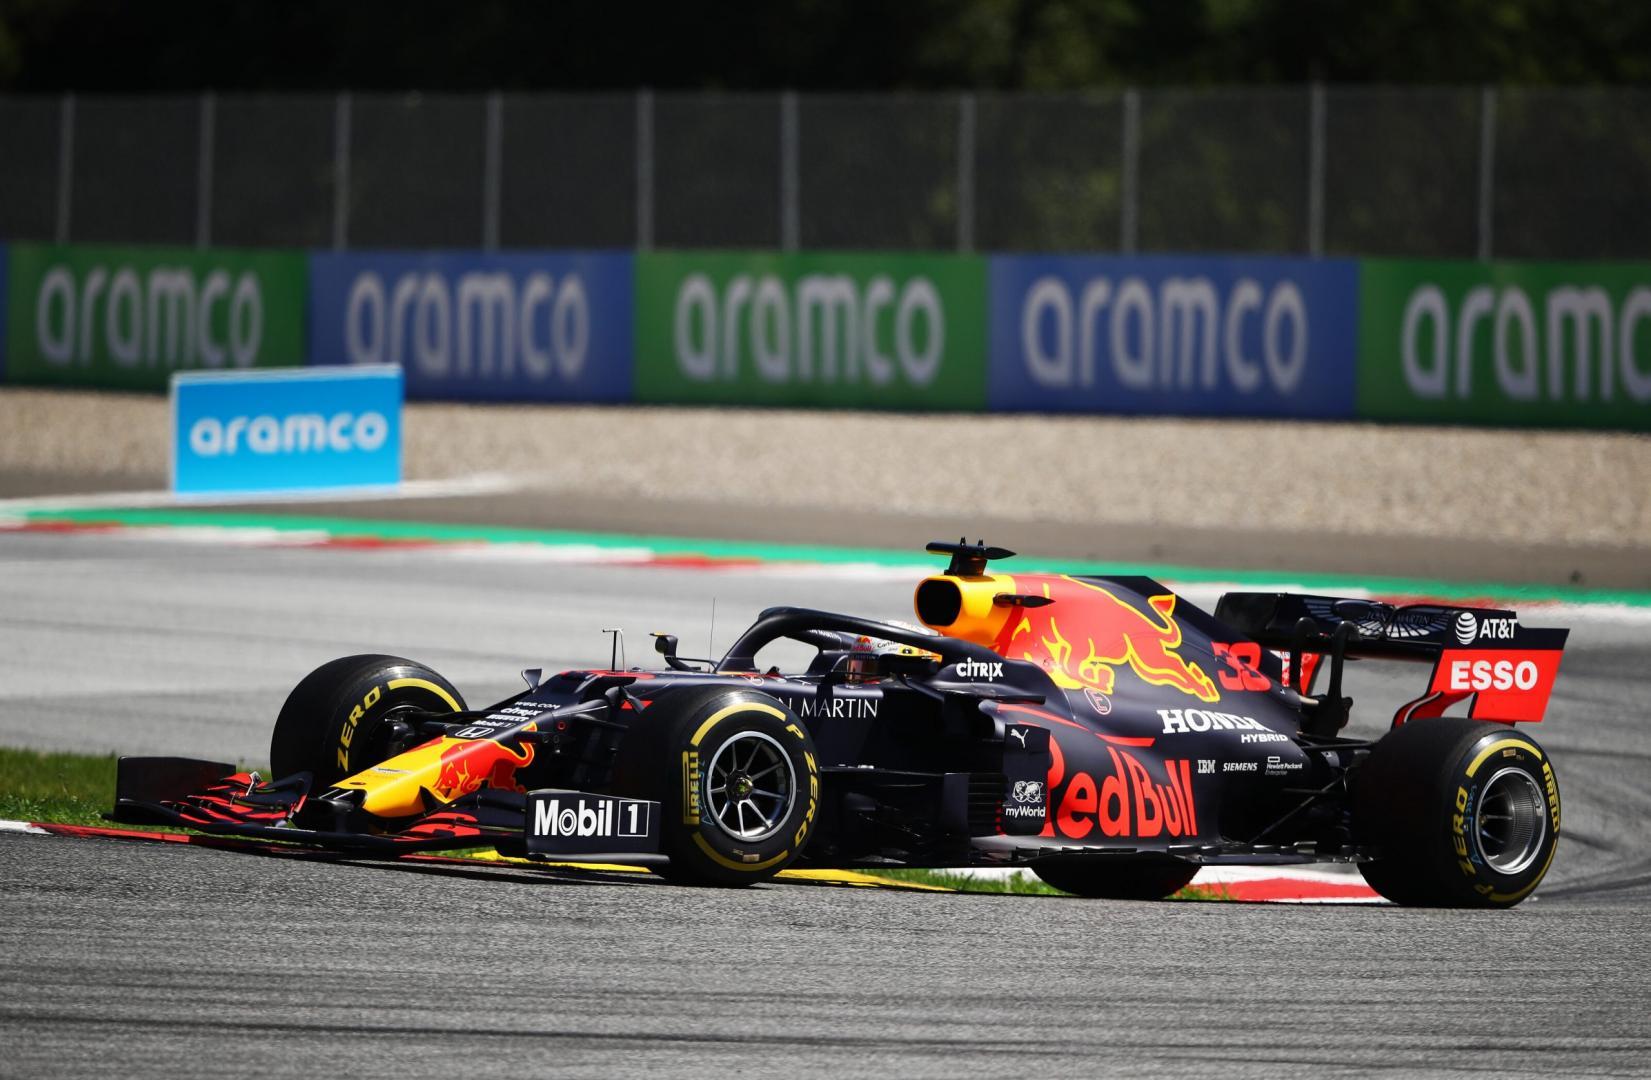 Voorbeschouwing van de GP van Oostenrijk 2020 - 2